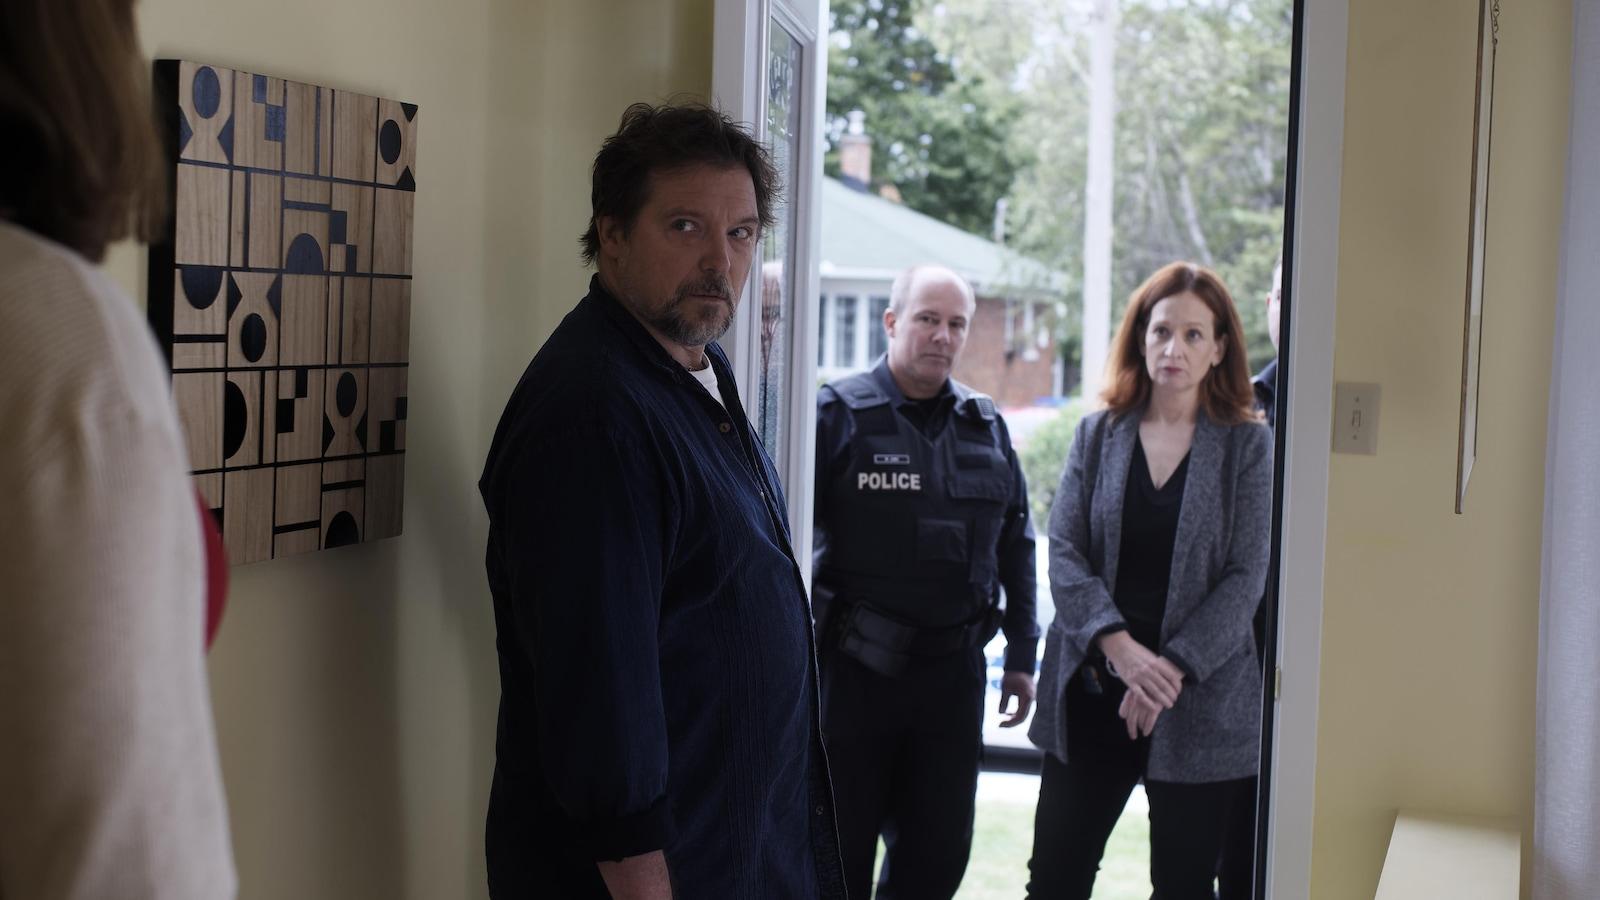 Une femme devant la porte attend un homme qui sort de la maison et regarde derrière lui.